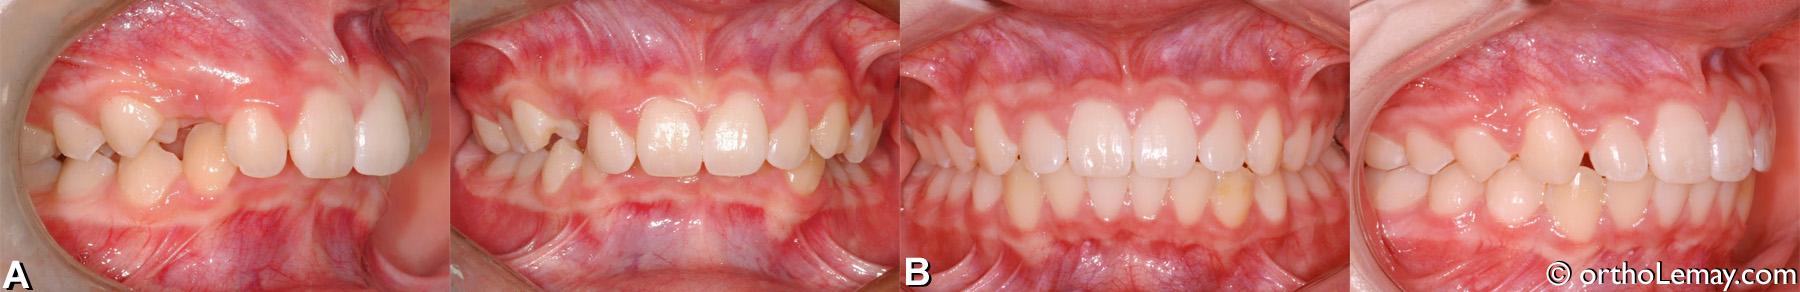 malocclusion classe 2 division 1 avec overbite et overjet excessifs traitée en orthodontie. Adolescent.